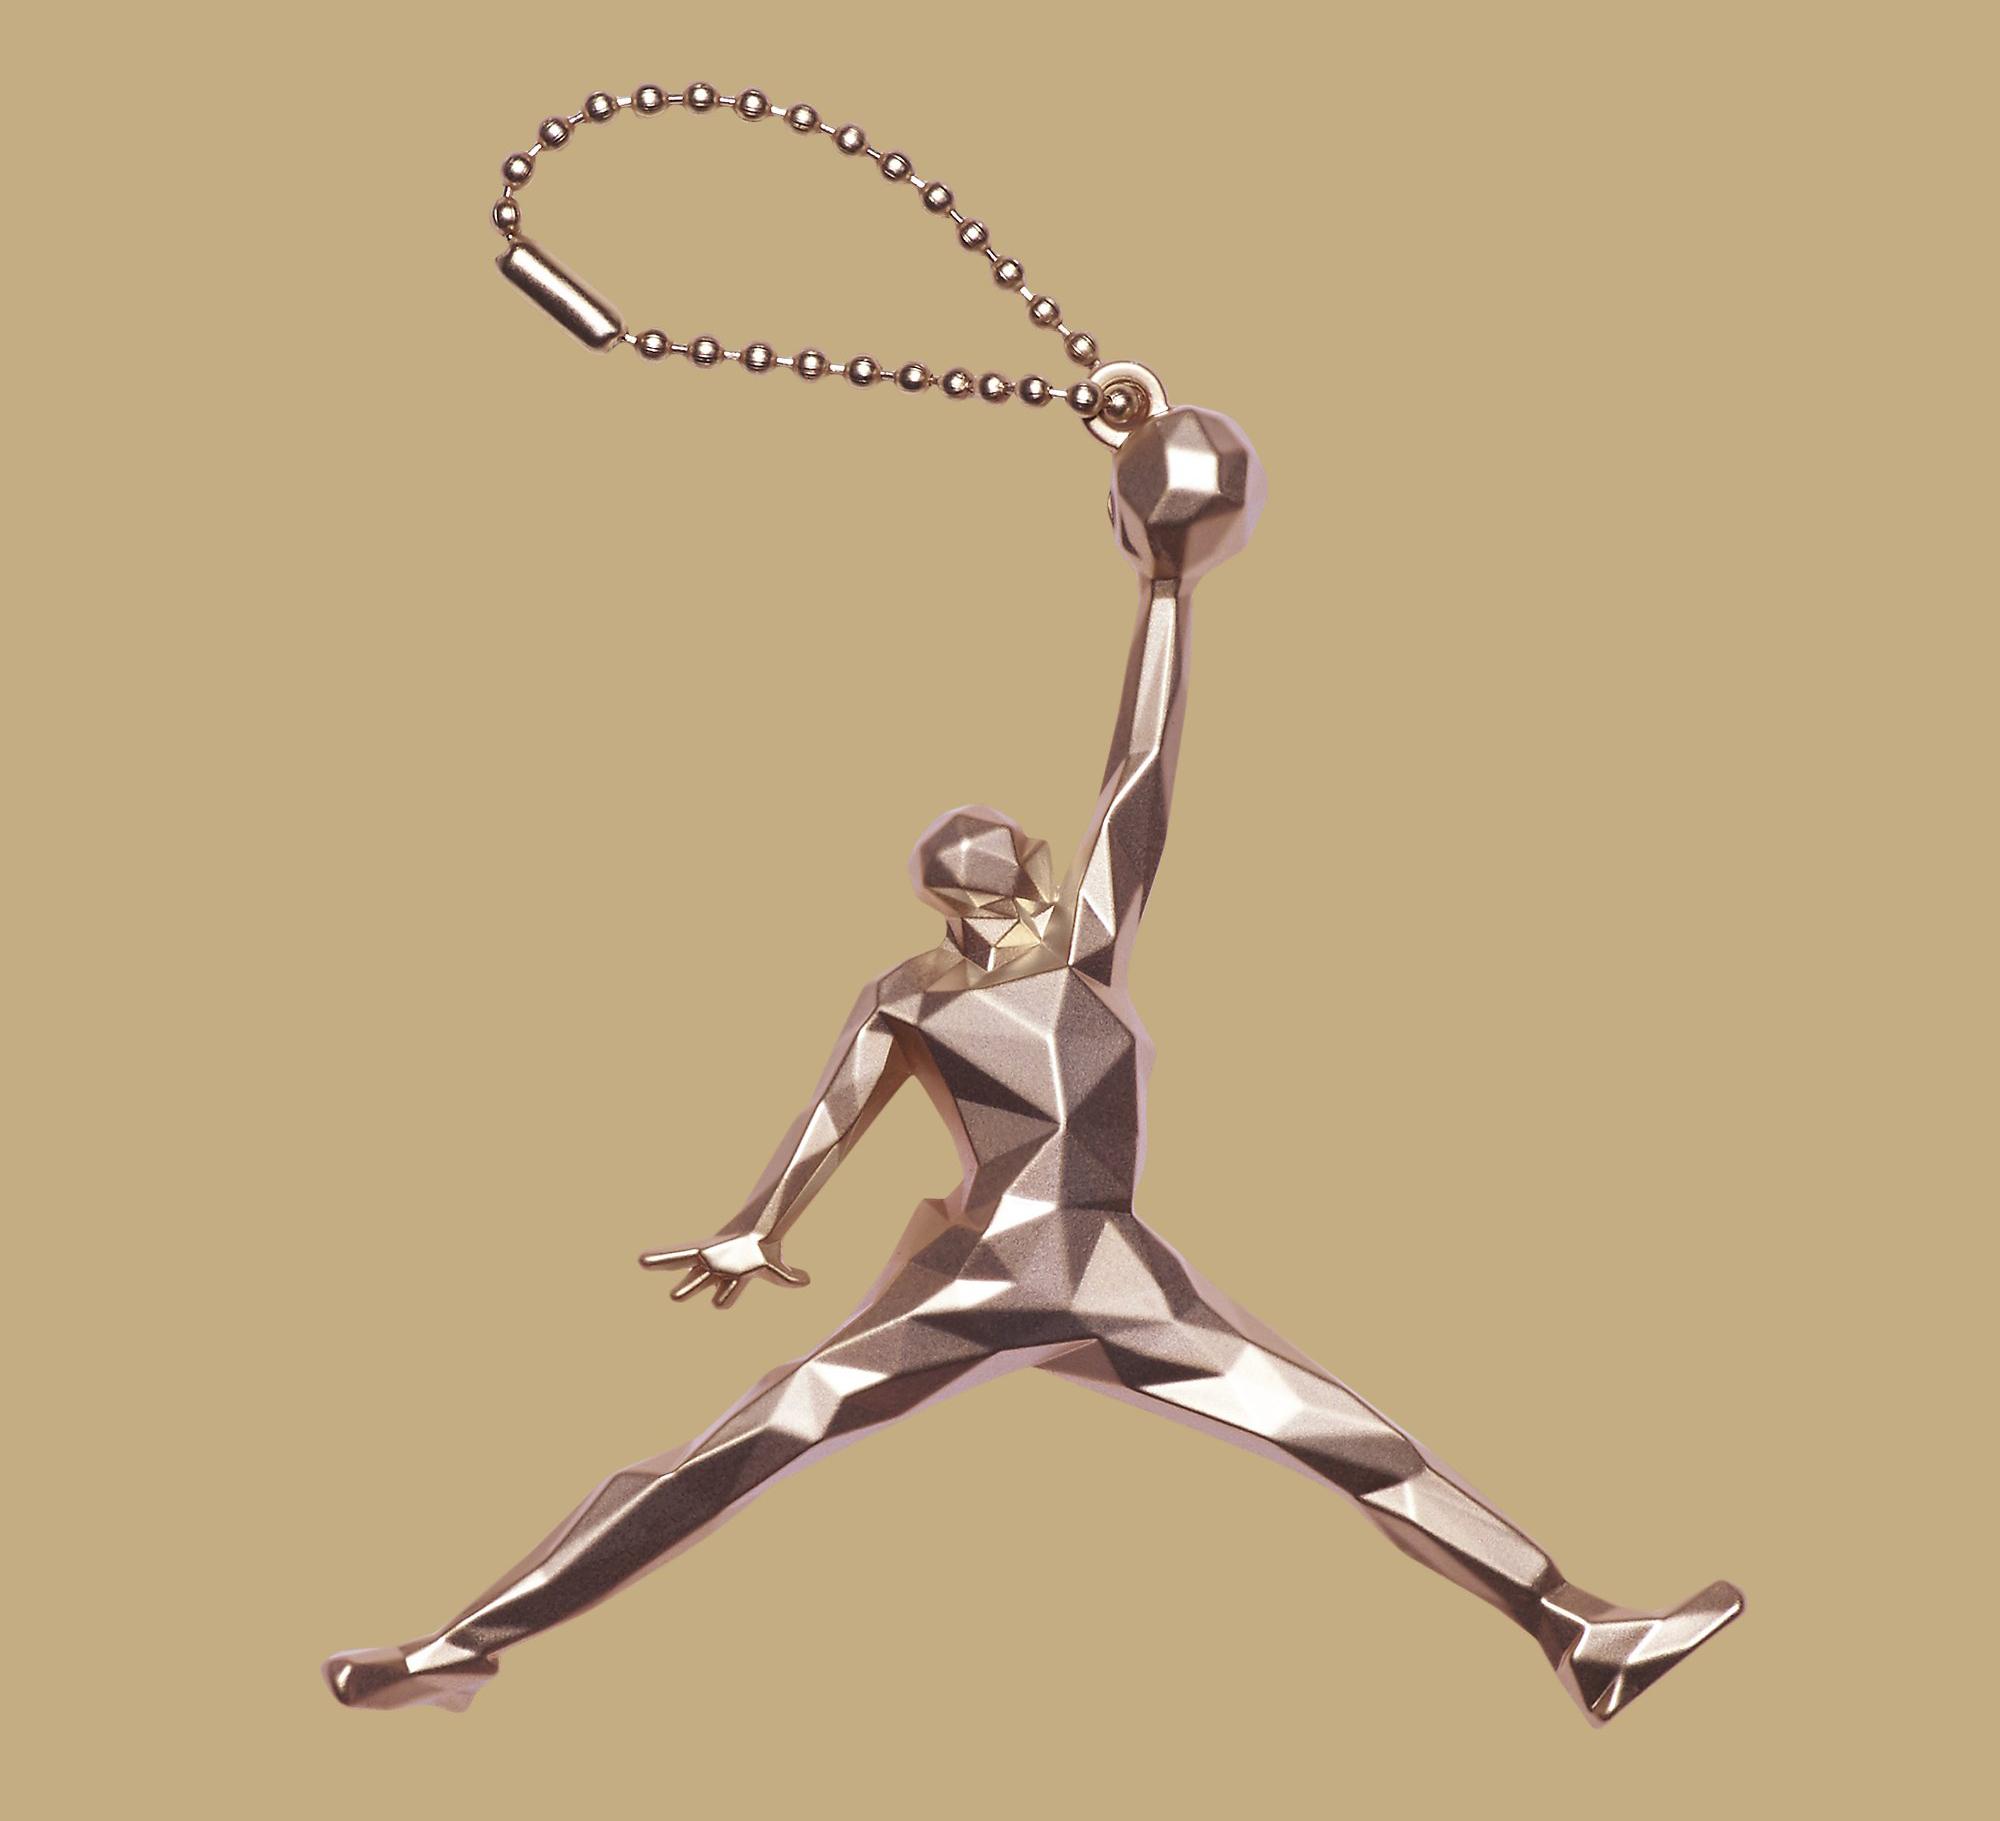 Gold Pinnacle Air Jordan 6 854271-730 Keychain